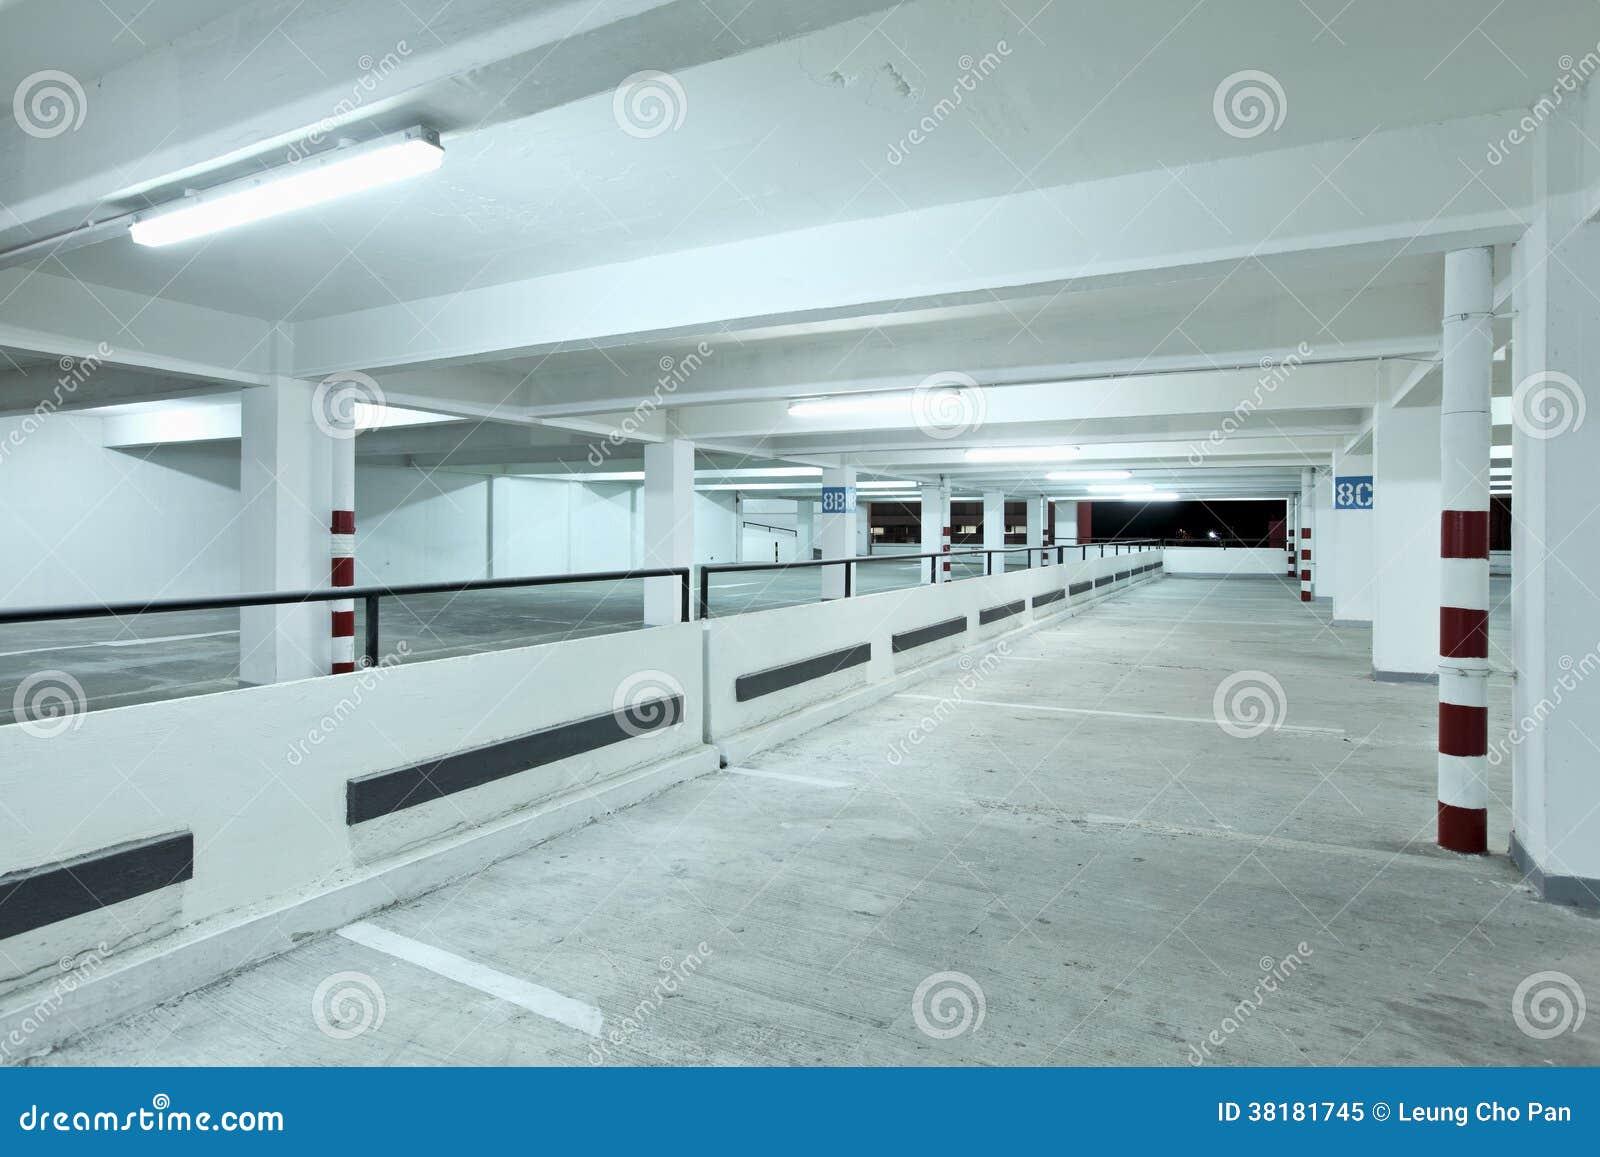 Innen-carpark stockbild. Bild von einzeln, konkret, niemand - 38181745